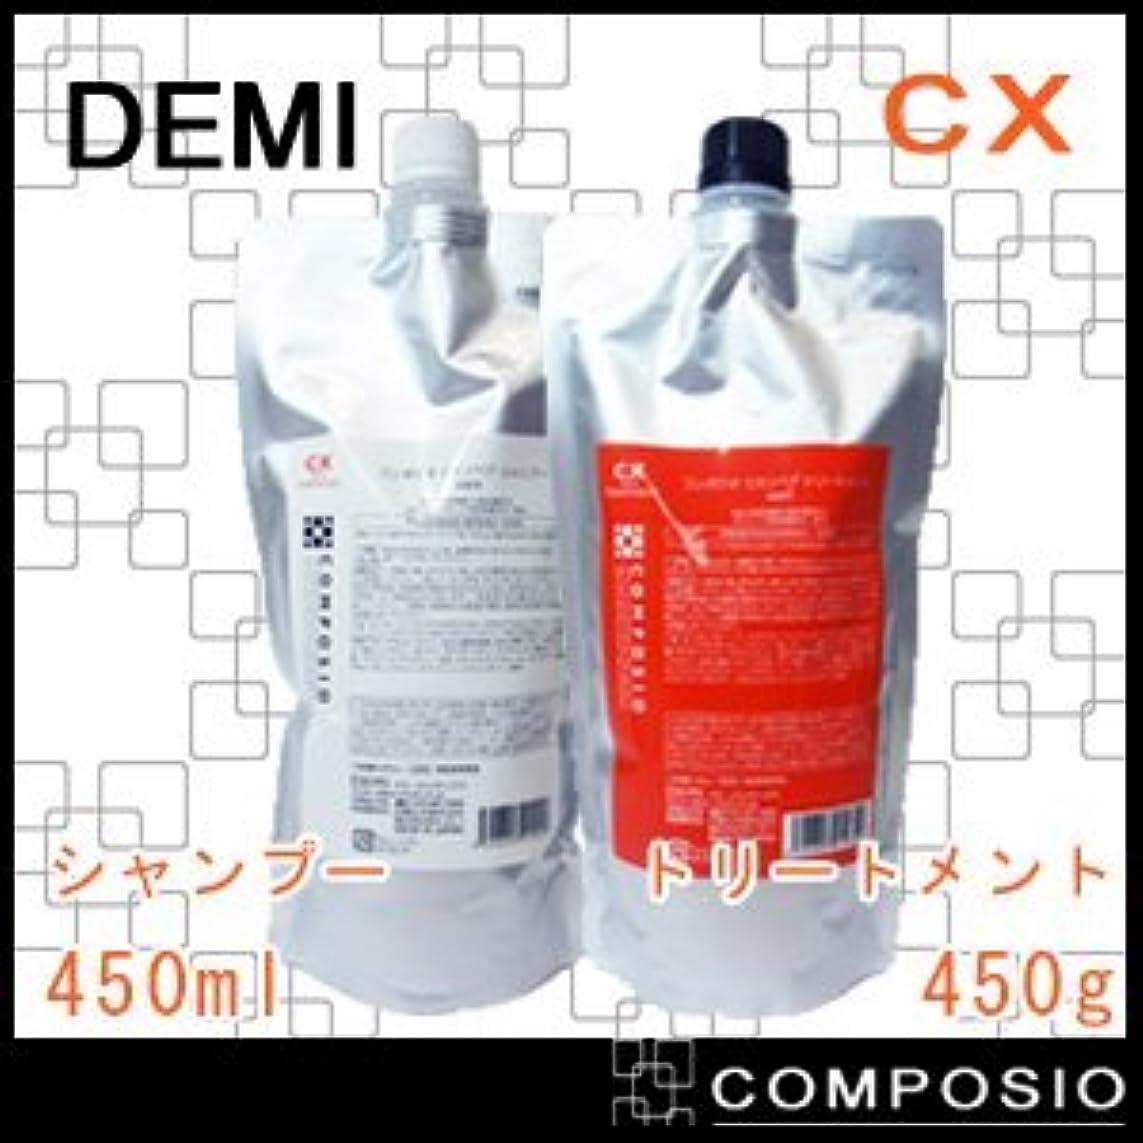 知り合い揮発性規範デミ コンポジオ CXリペアシャンプー&トリートメント 詰め替え セット 450ml,450g